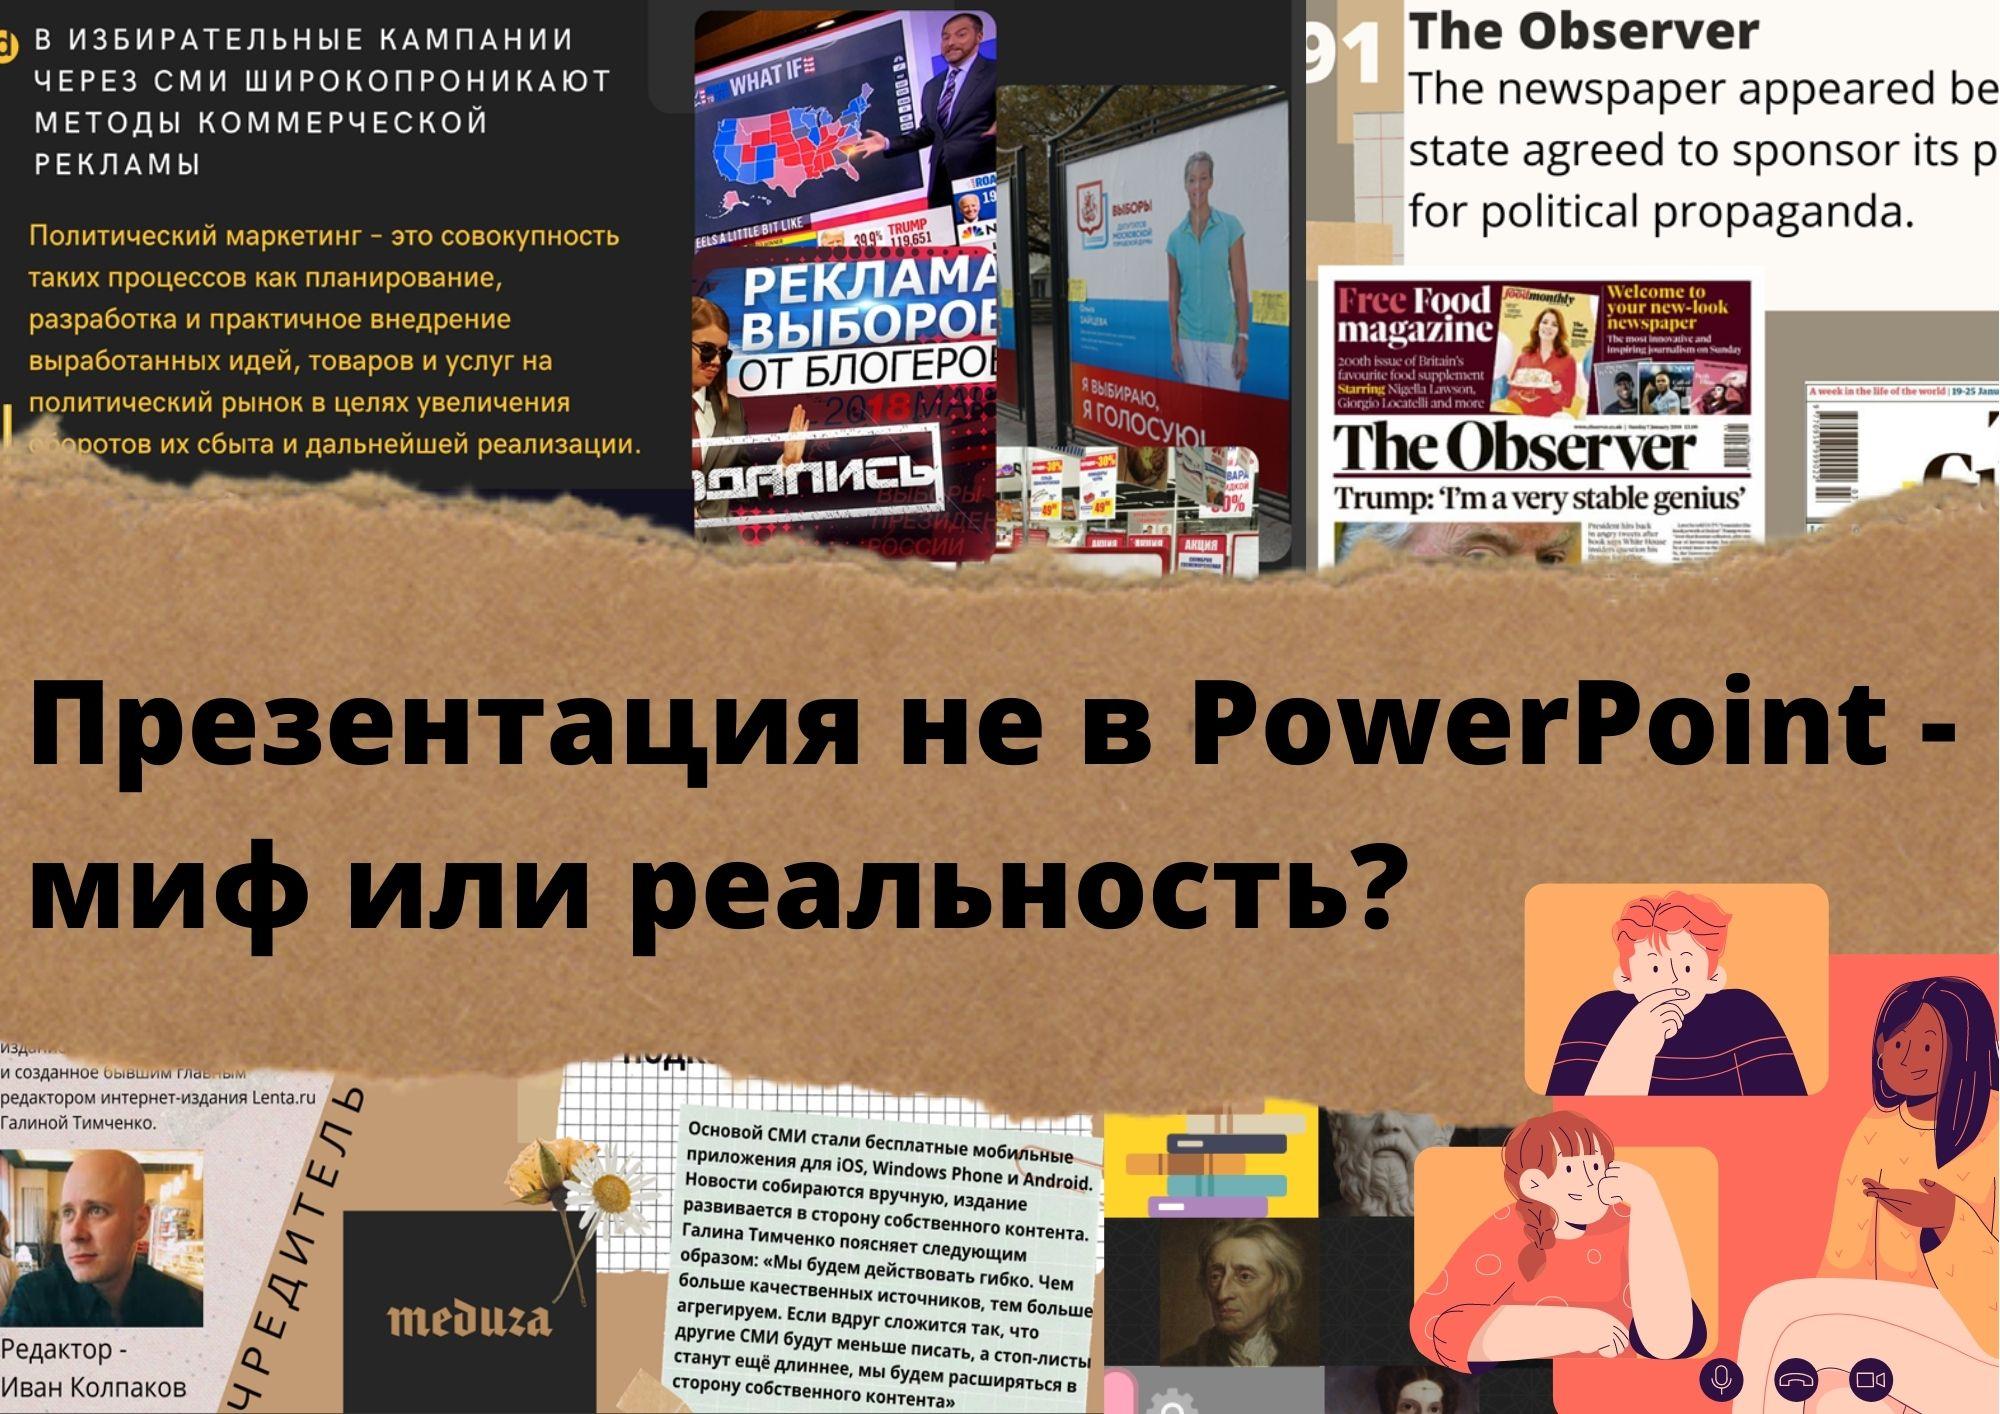 Презентация не в PowerPoint — миф или реальность?